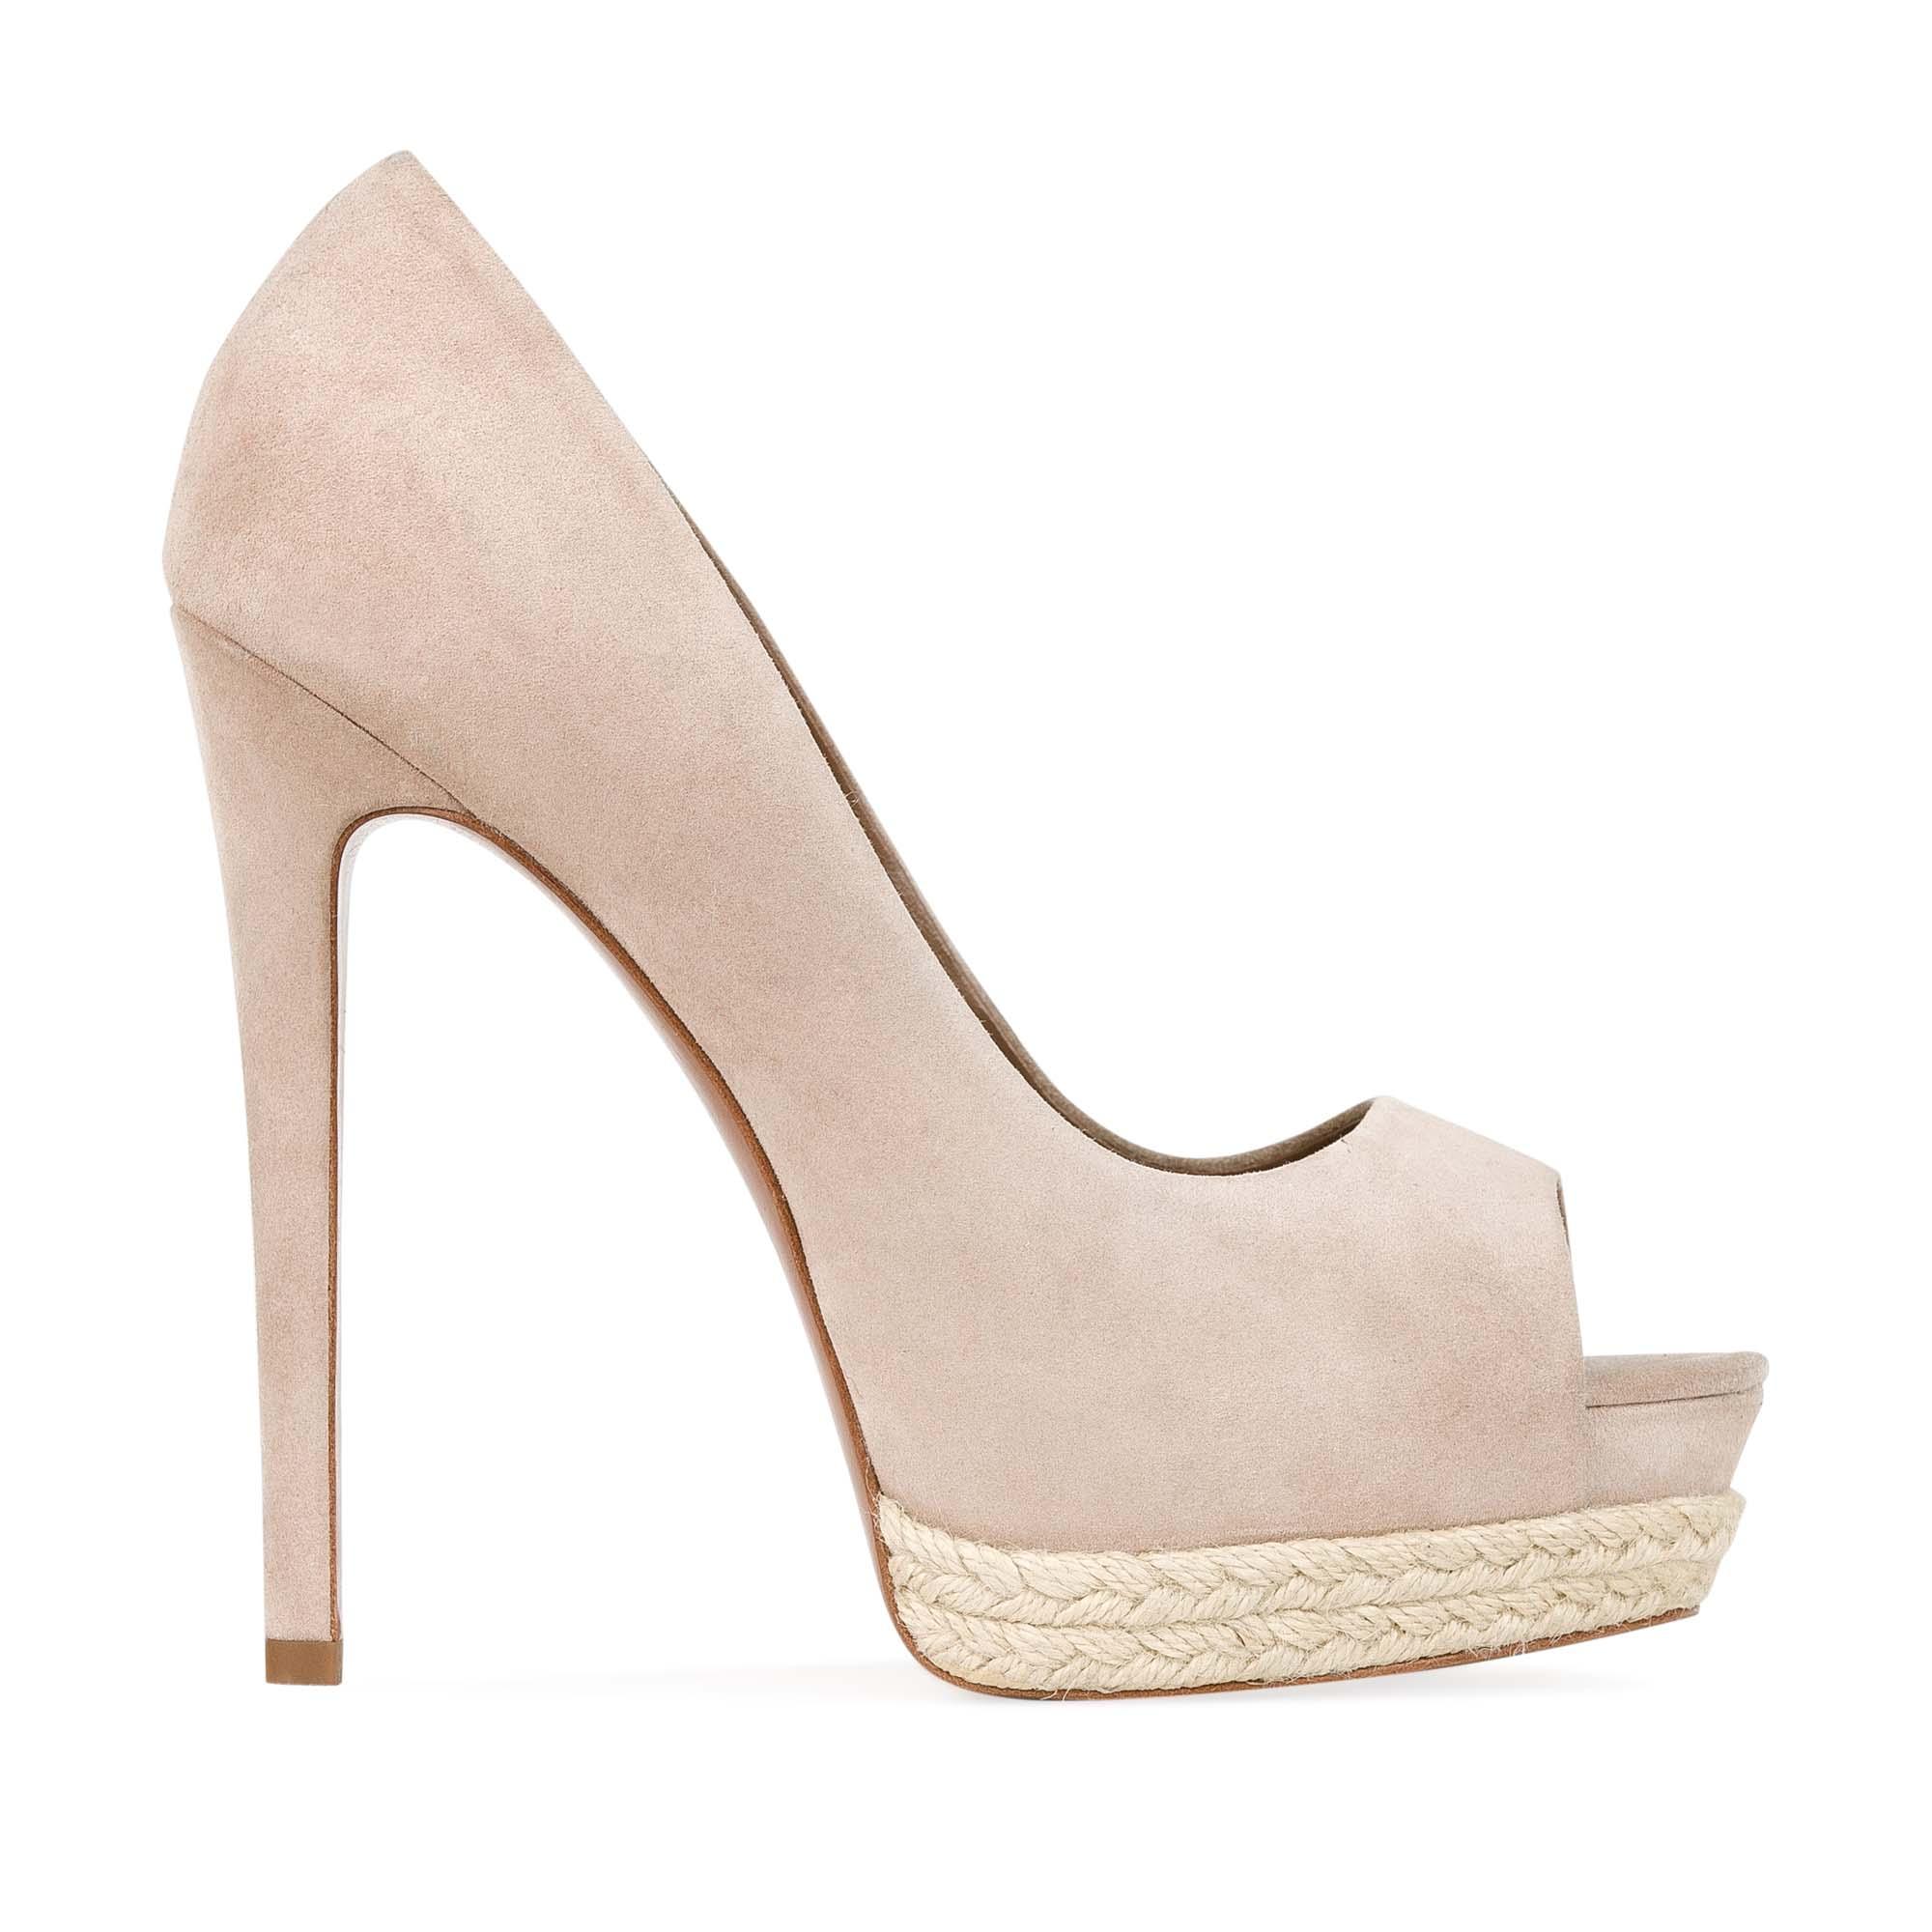 CORSOCOMO Замшевые туфли телесного цвета на джутовой подошве 17-665-10-58A-15